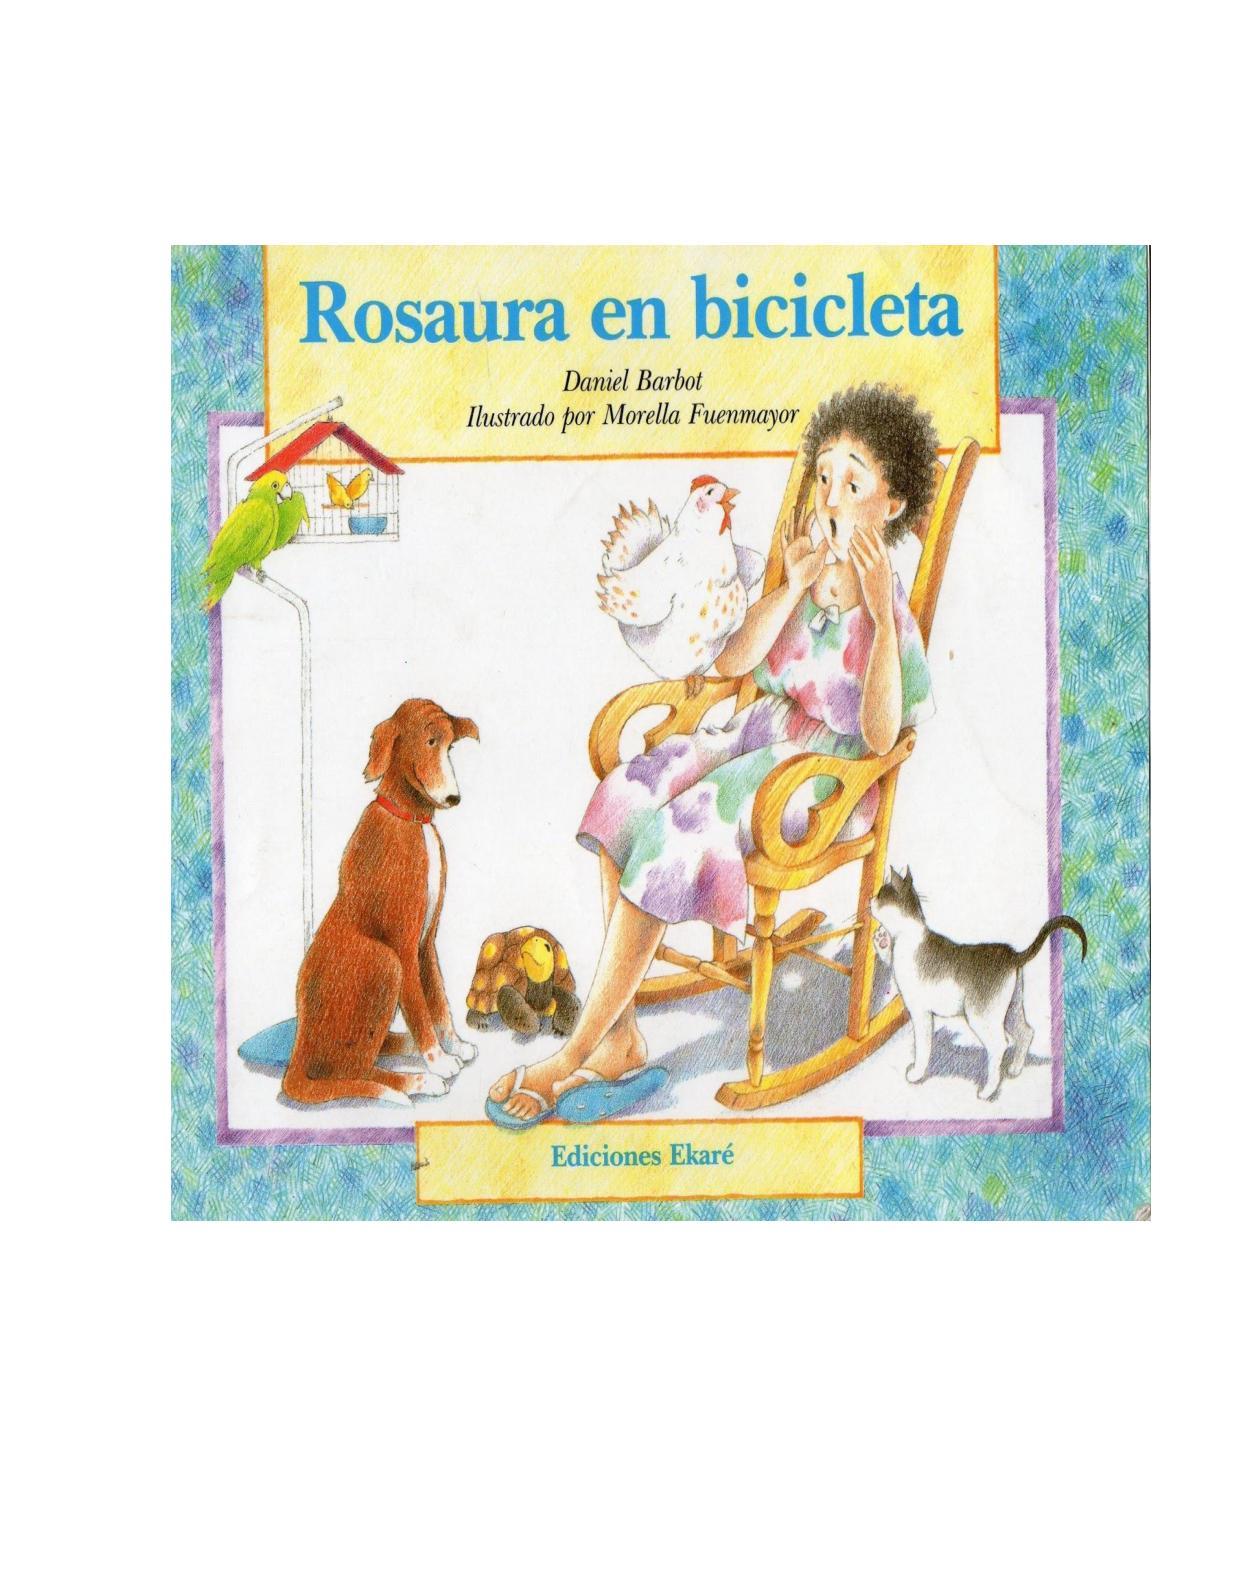 ROSAURA EN BICICLETA PDF DOWNLOAD